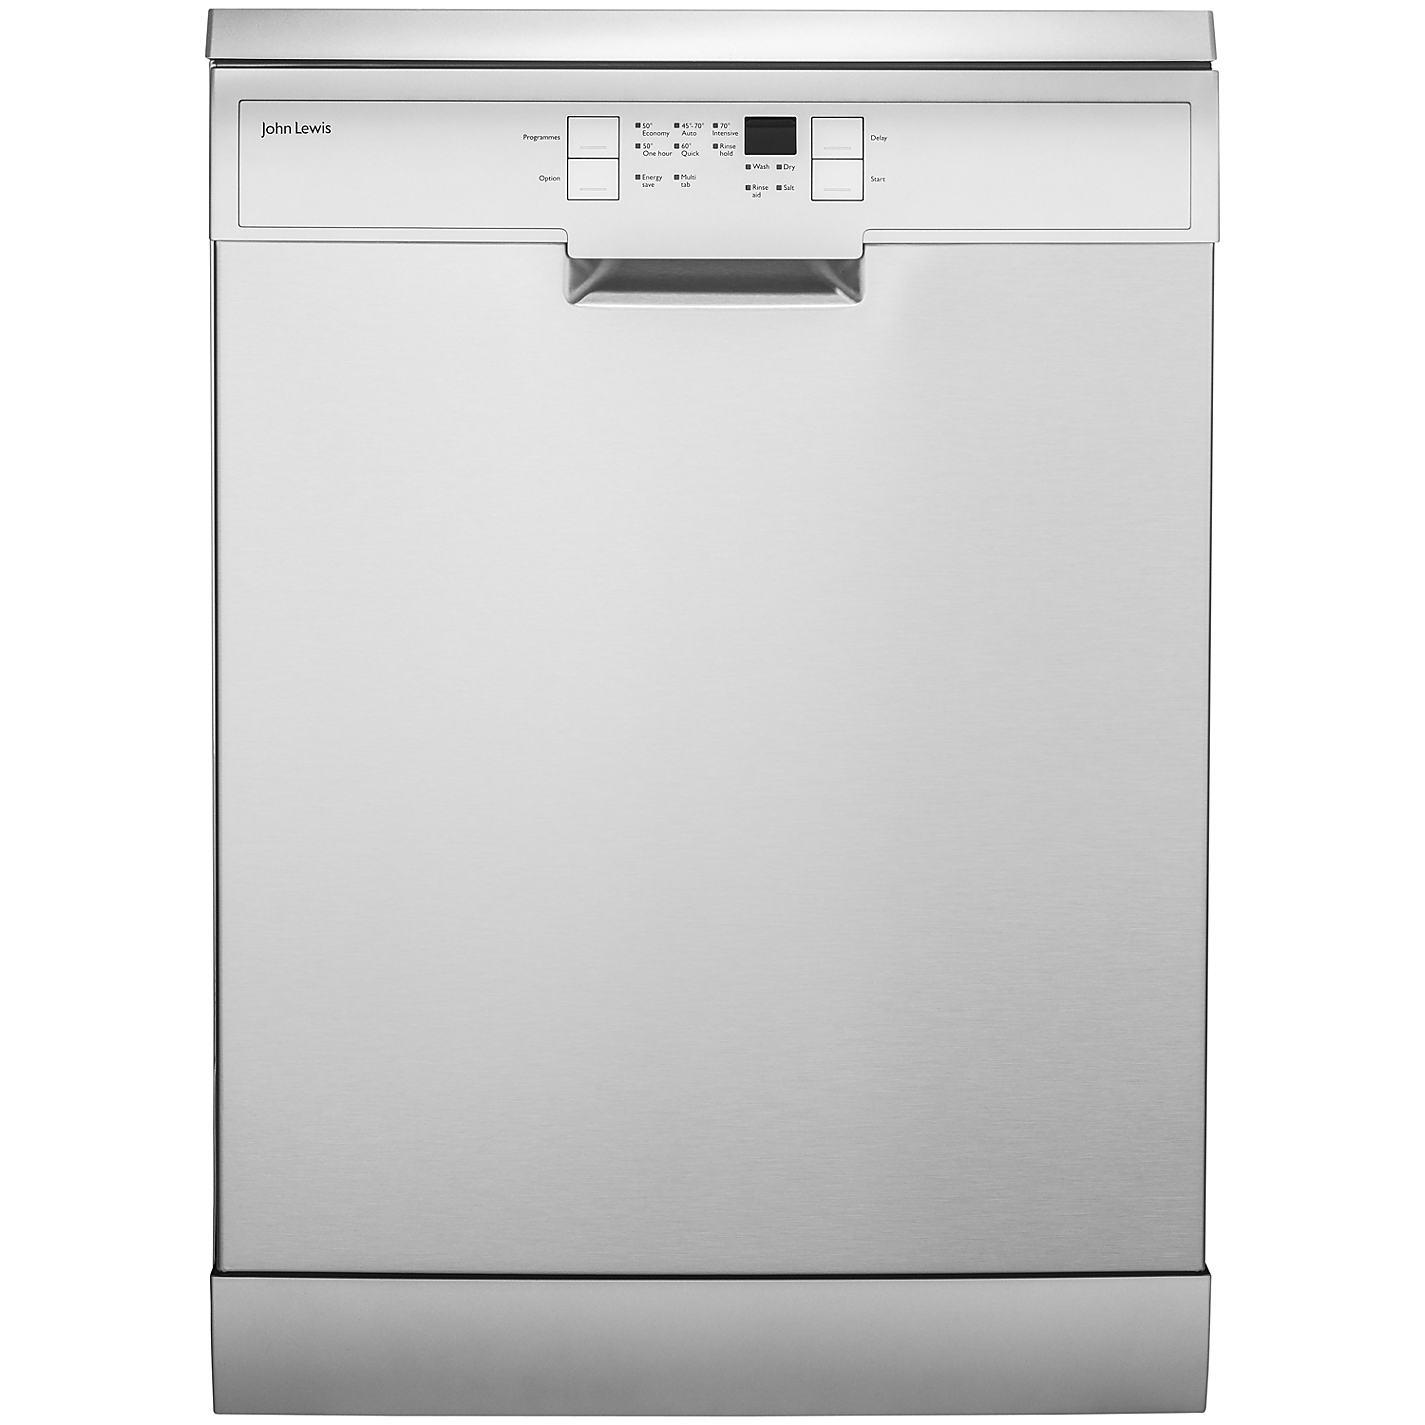 John Lewis Kitchen Appliances Buy John Lewis Jldws1209 Freestanding Dishwasher Stainless Steel